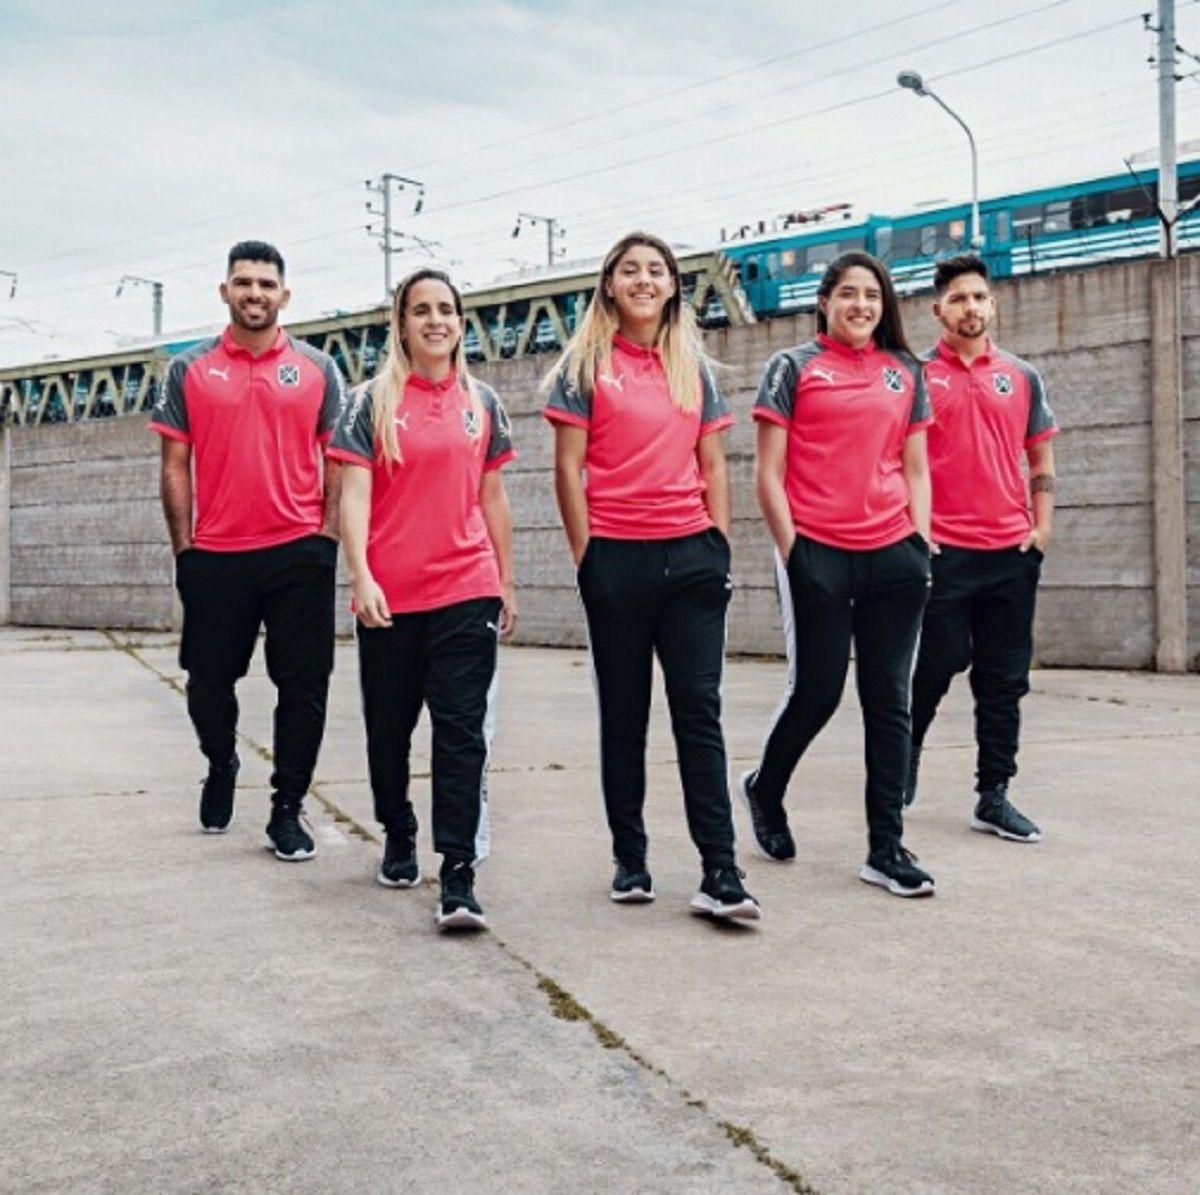 Camiseta de Independiente contra el cáncer de mama - Crédito:@Independiente